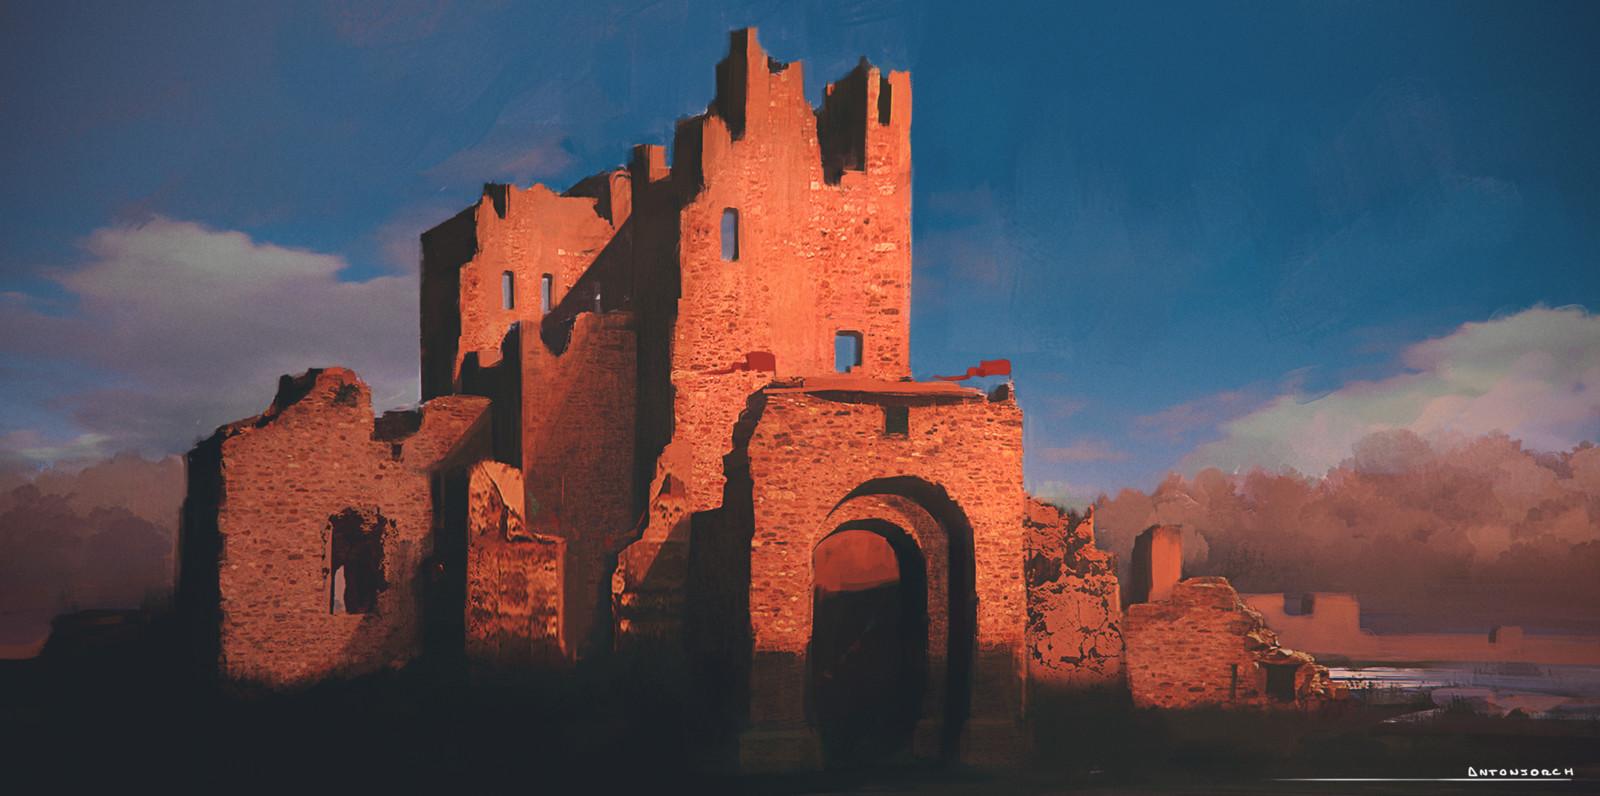 Ruins - Sketch